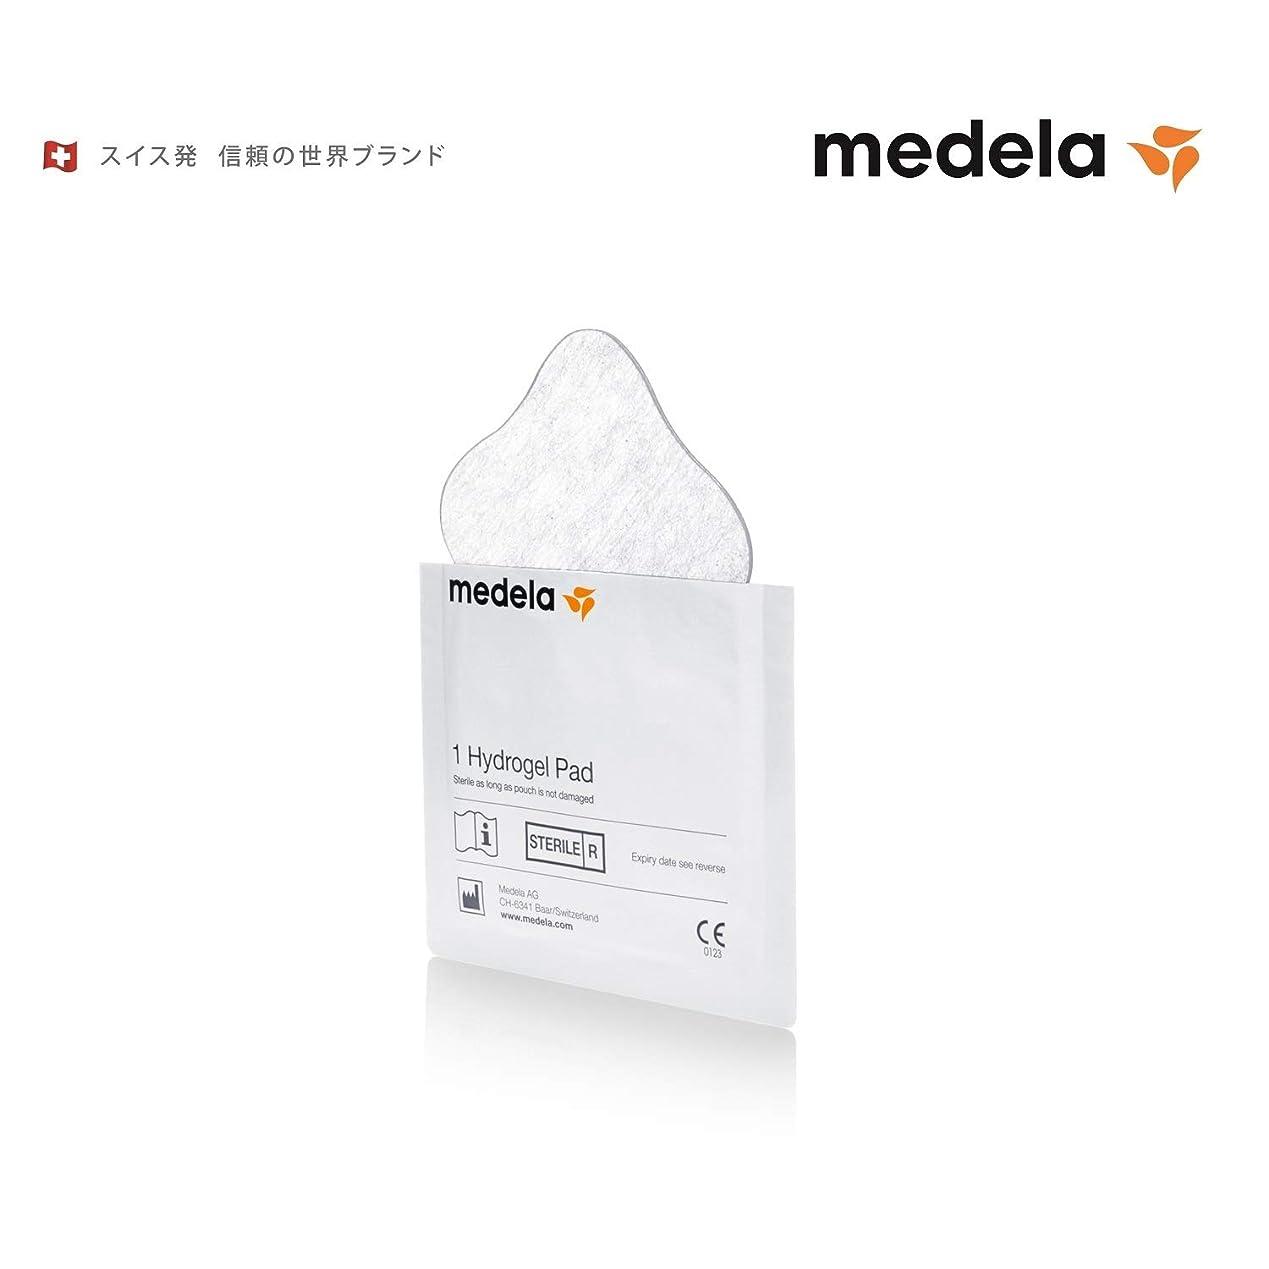 買う静かにキャッシュMedela メデラ ハイドロジェルパッド 4枚入り 乳頭の痛みの緩和に (008.0164)